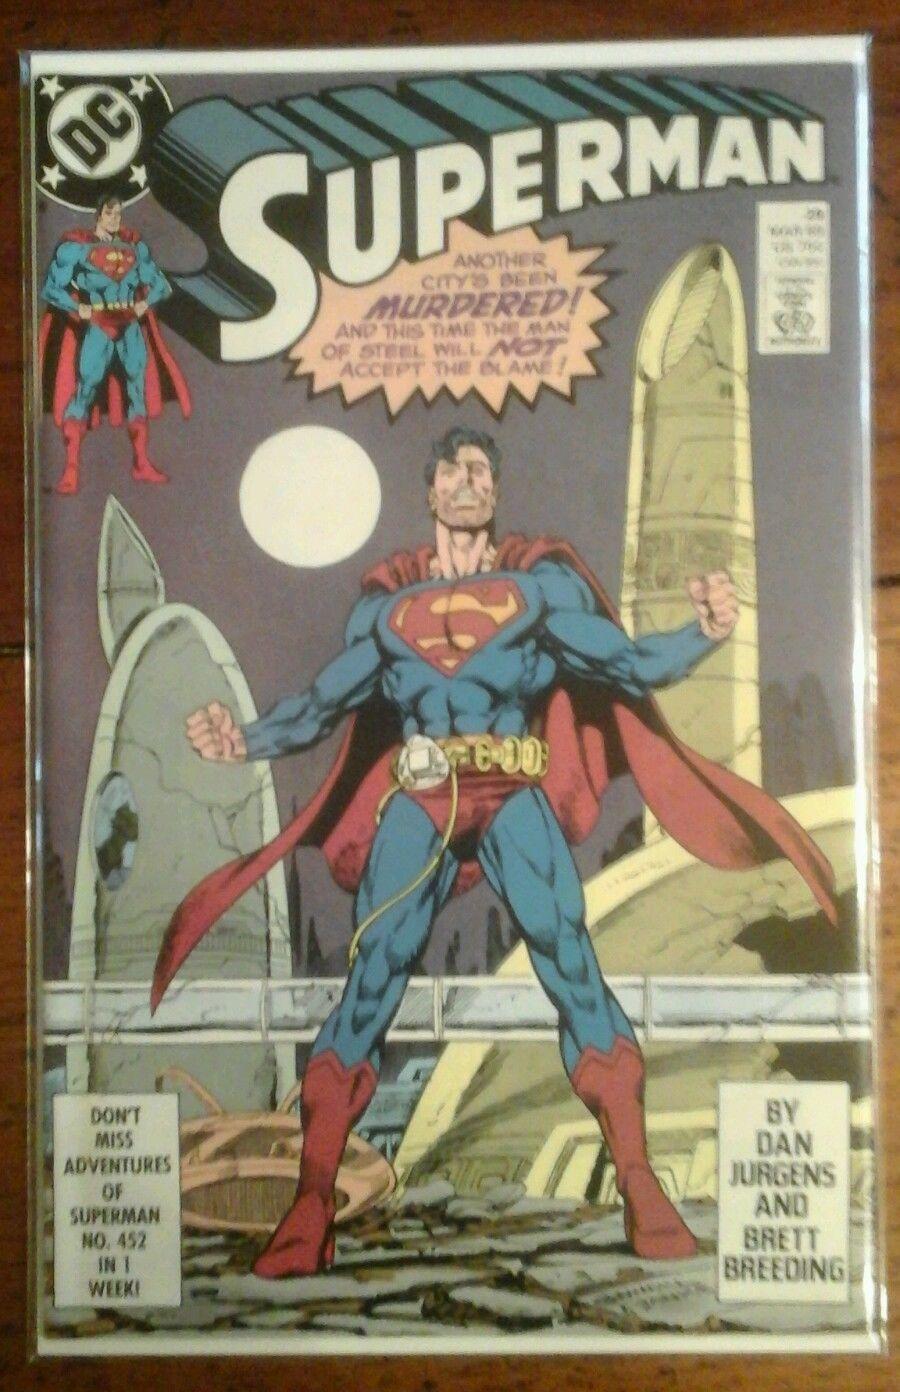 7.5 DC ADVENTURES OF SUPERMAN #617 DECENT